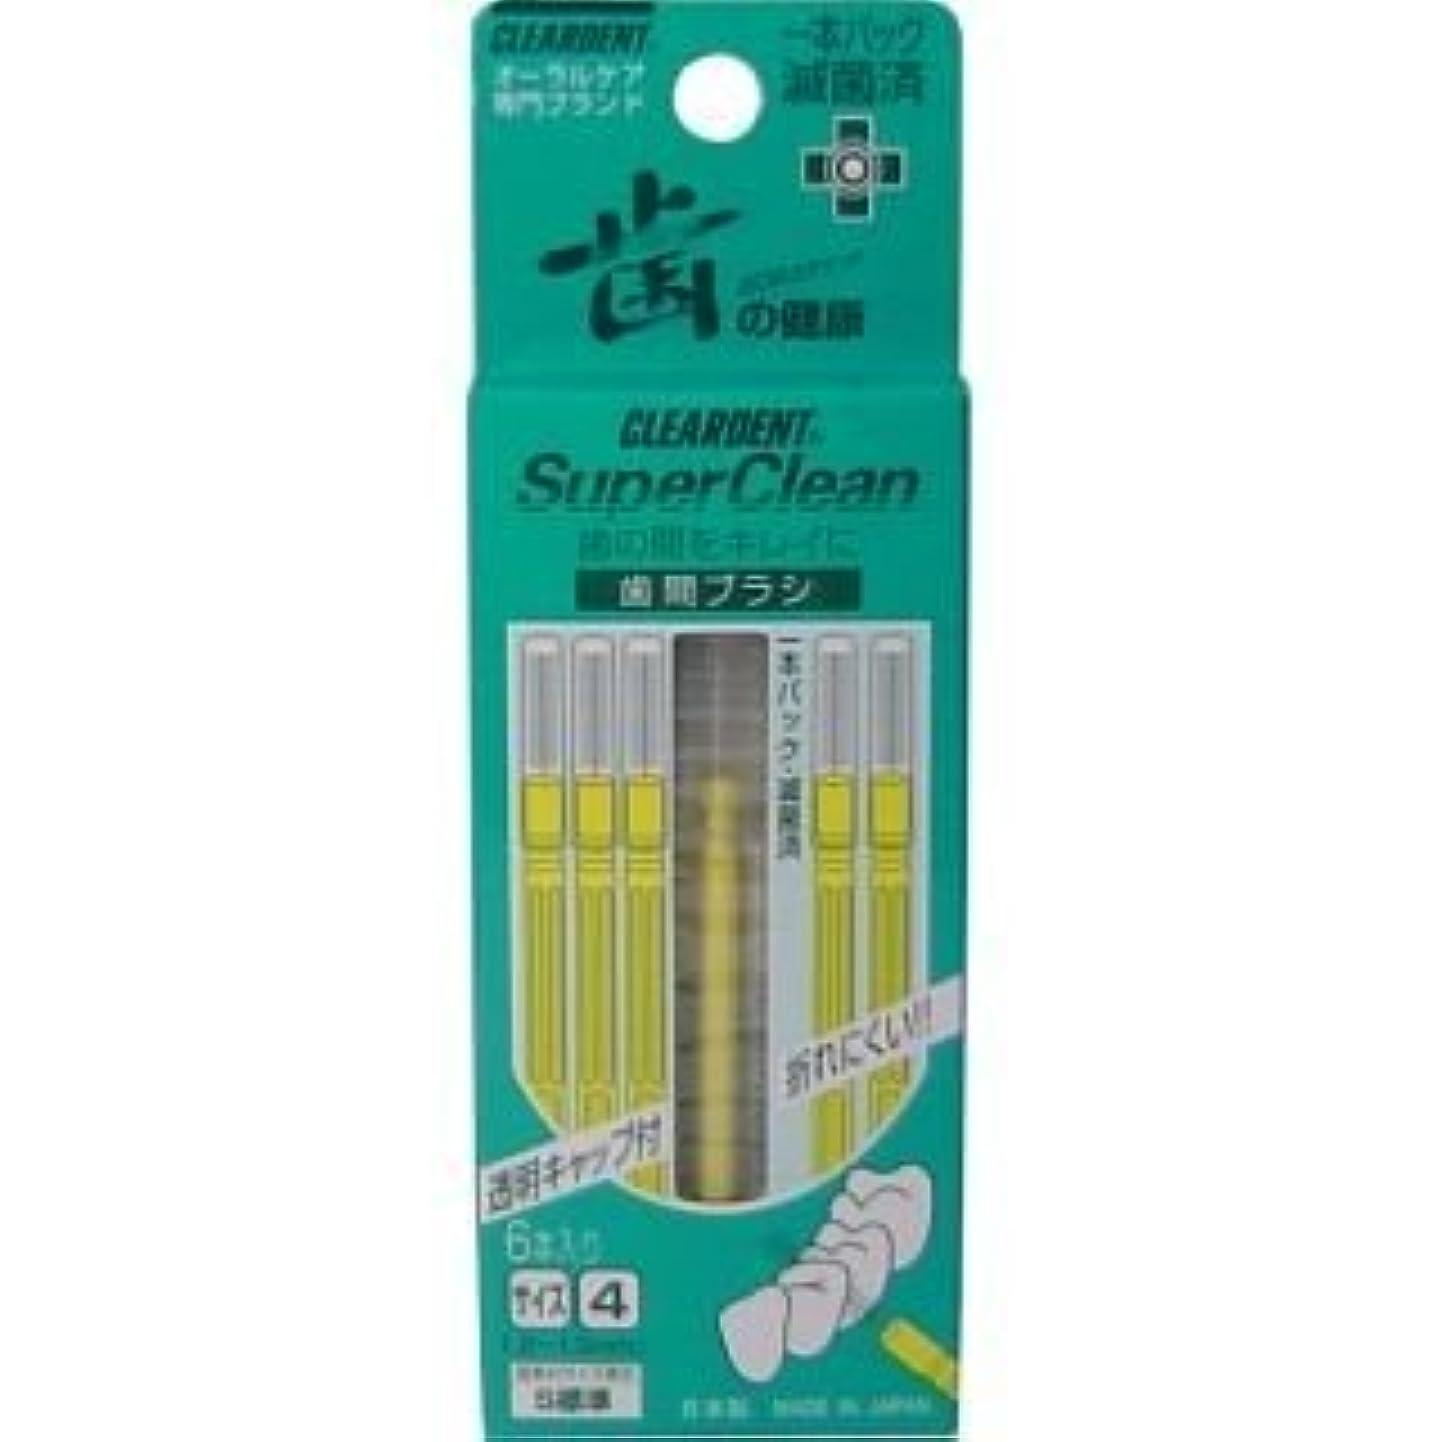 銅懲らしめリブ滅菌済み一本パックだから、清潔安心!歯みがきでは磨きにくい、歯と歯の間を清掃するブラシです!透明キャップ付きで衛生的!Sサイズ標準 6本入【4個セット】